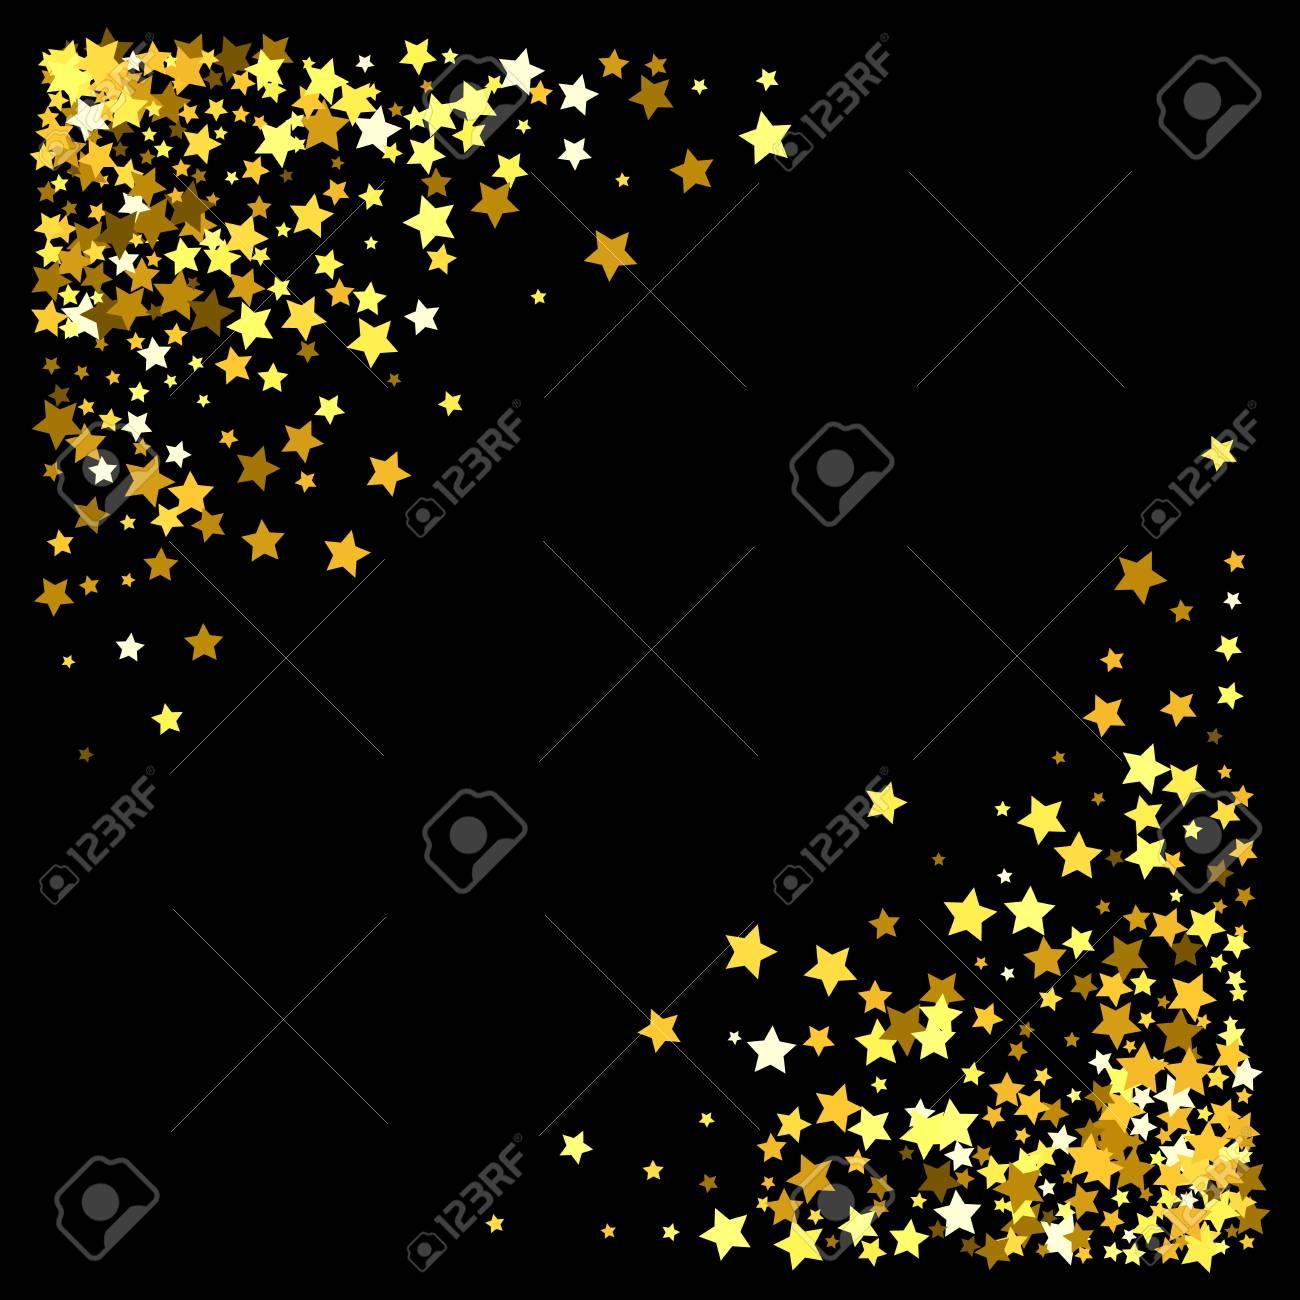 triangle corner gold frame or border of random scatter stars